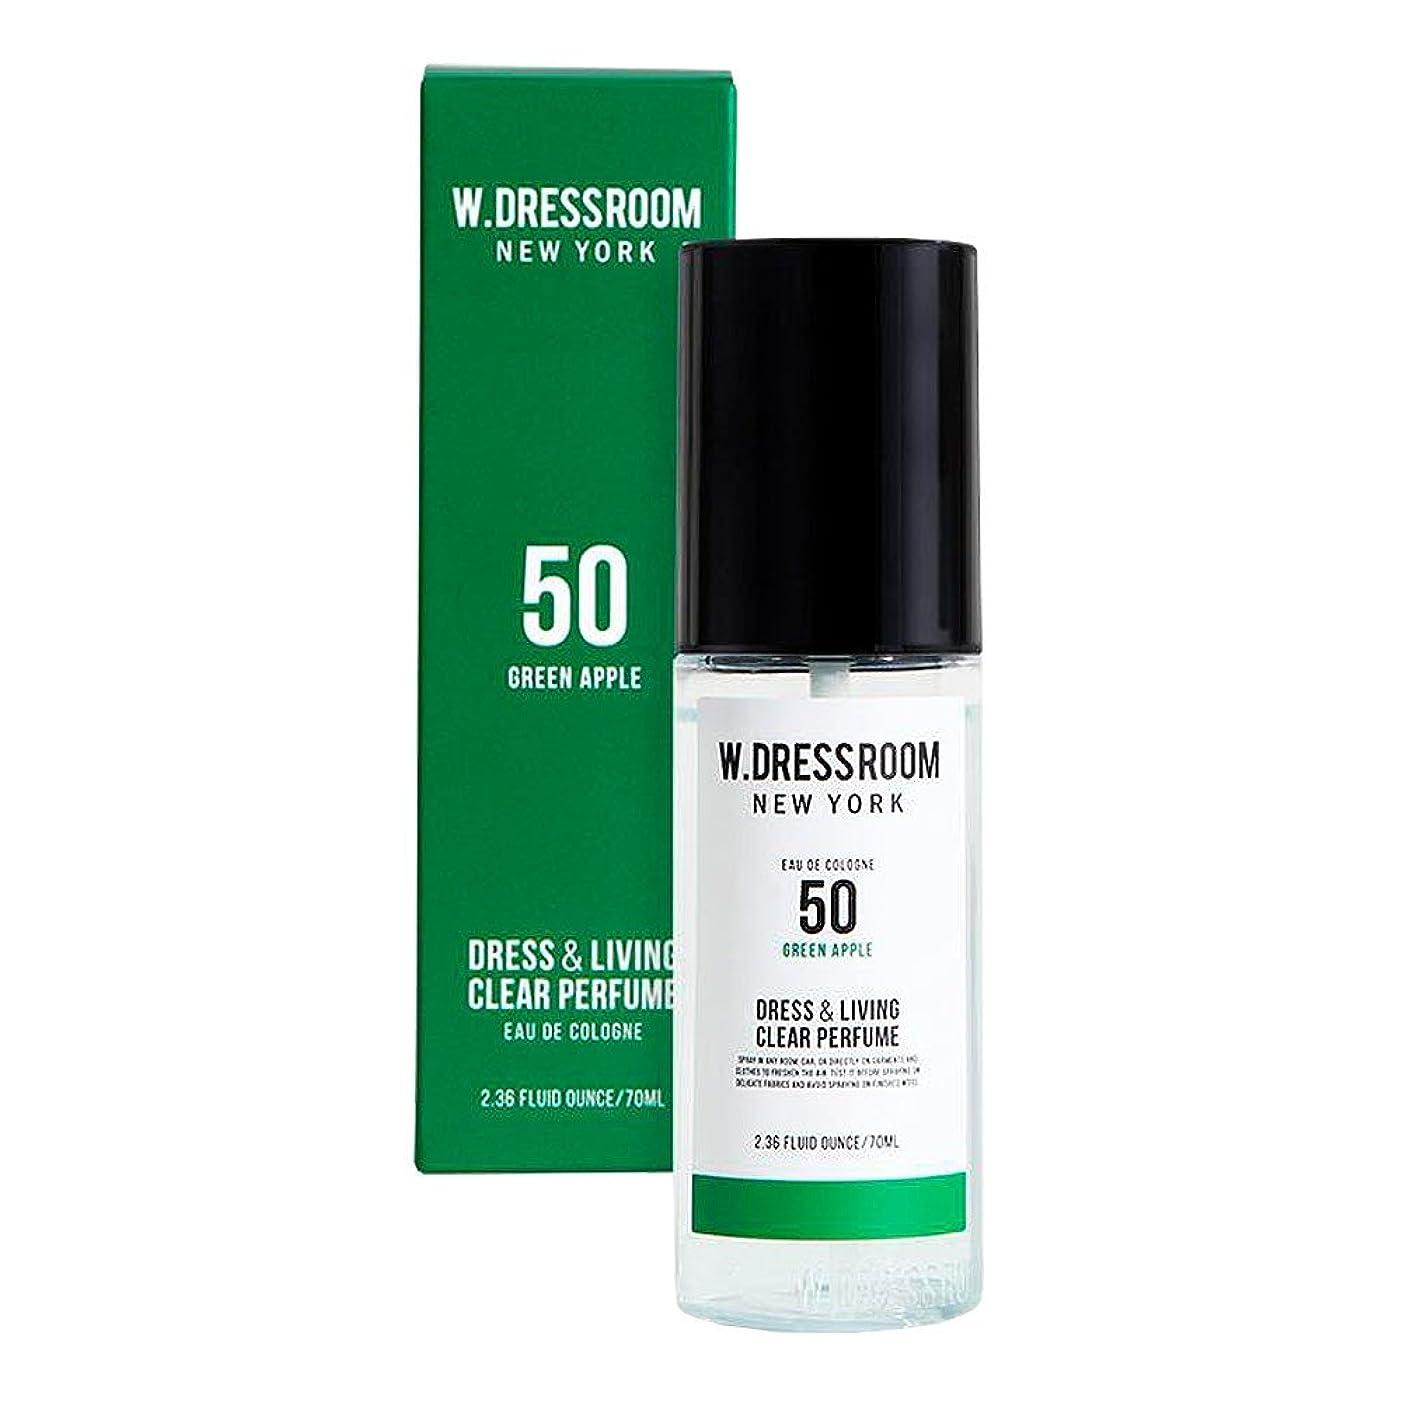 早熟しがみつく雨W.DRESSROOM Dress & Living Clear Perfume fragrance 70ml (#No.50 Green Apple)/ダブルドレスルーム ドレス&リビング クリア パフューム 70ml (#No.50 Green Apple)